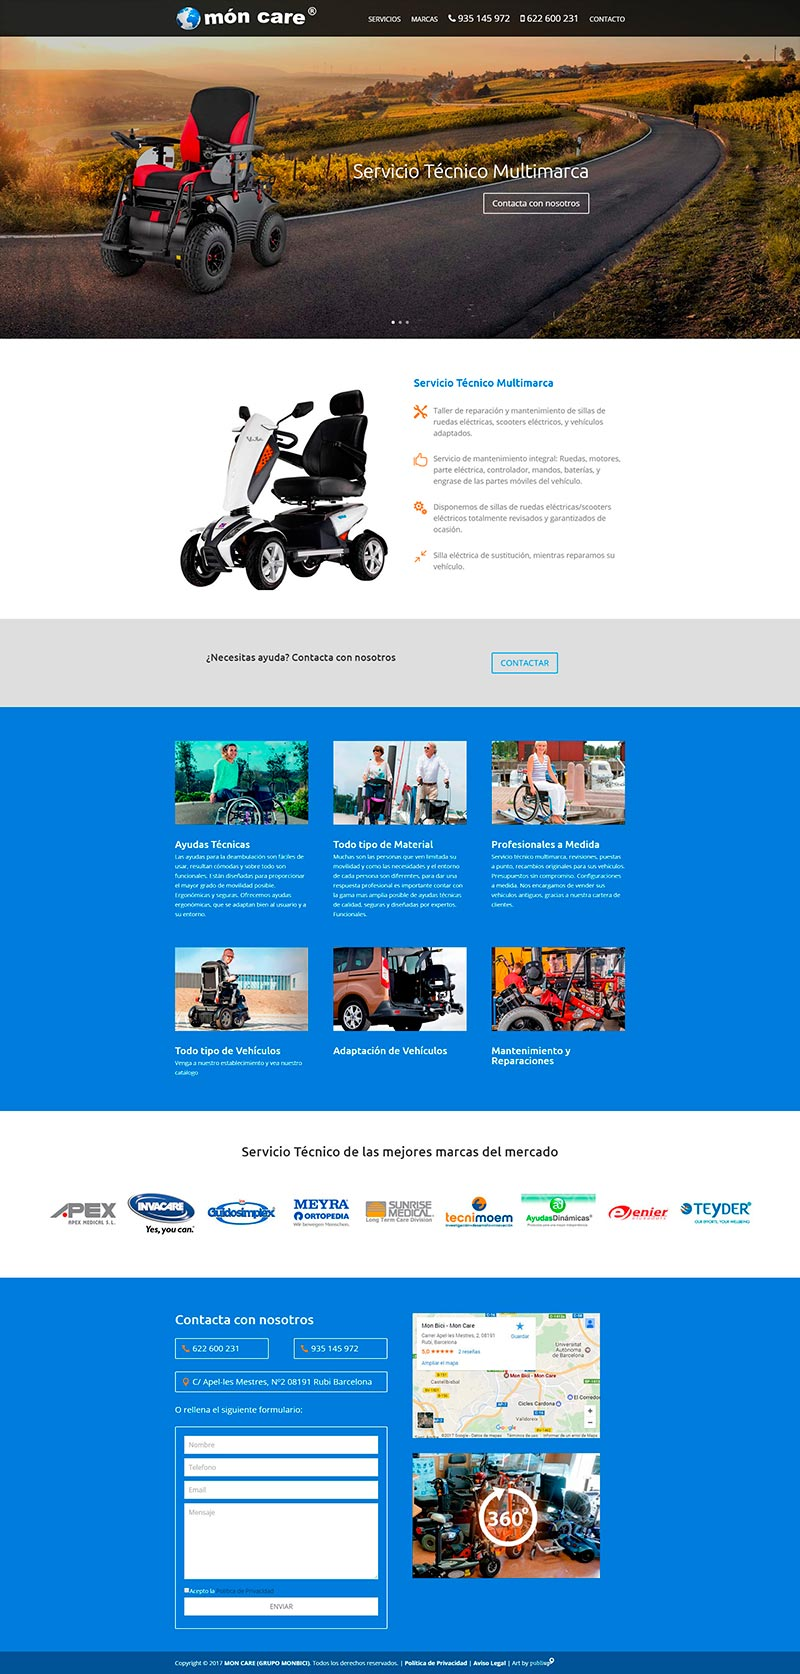 Diseño Web: Moncare